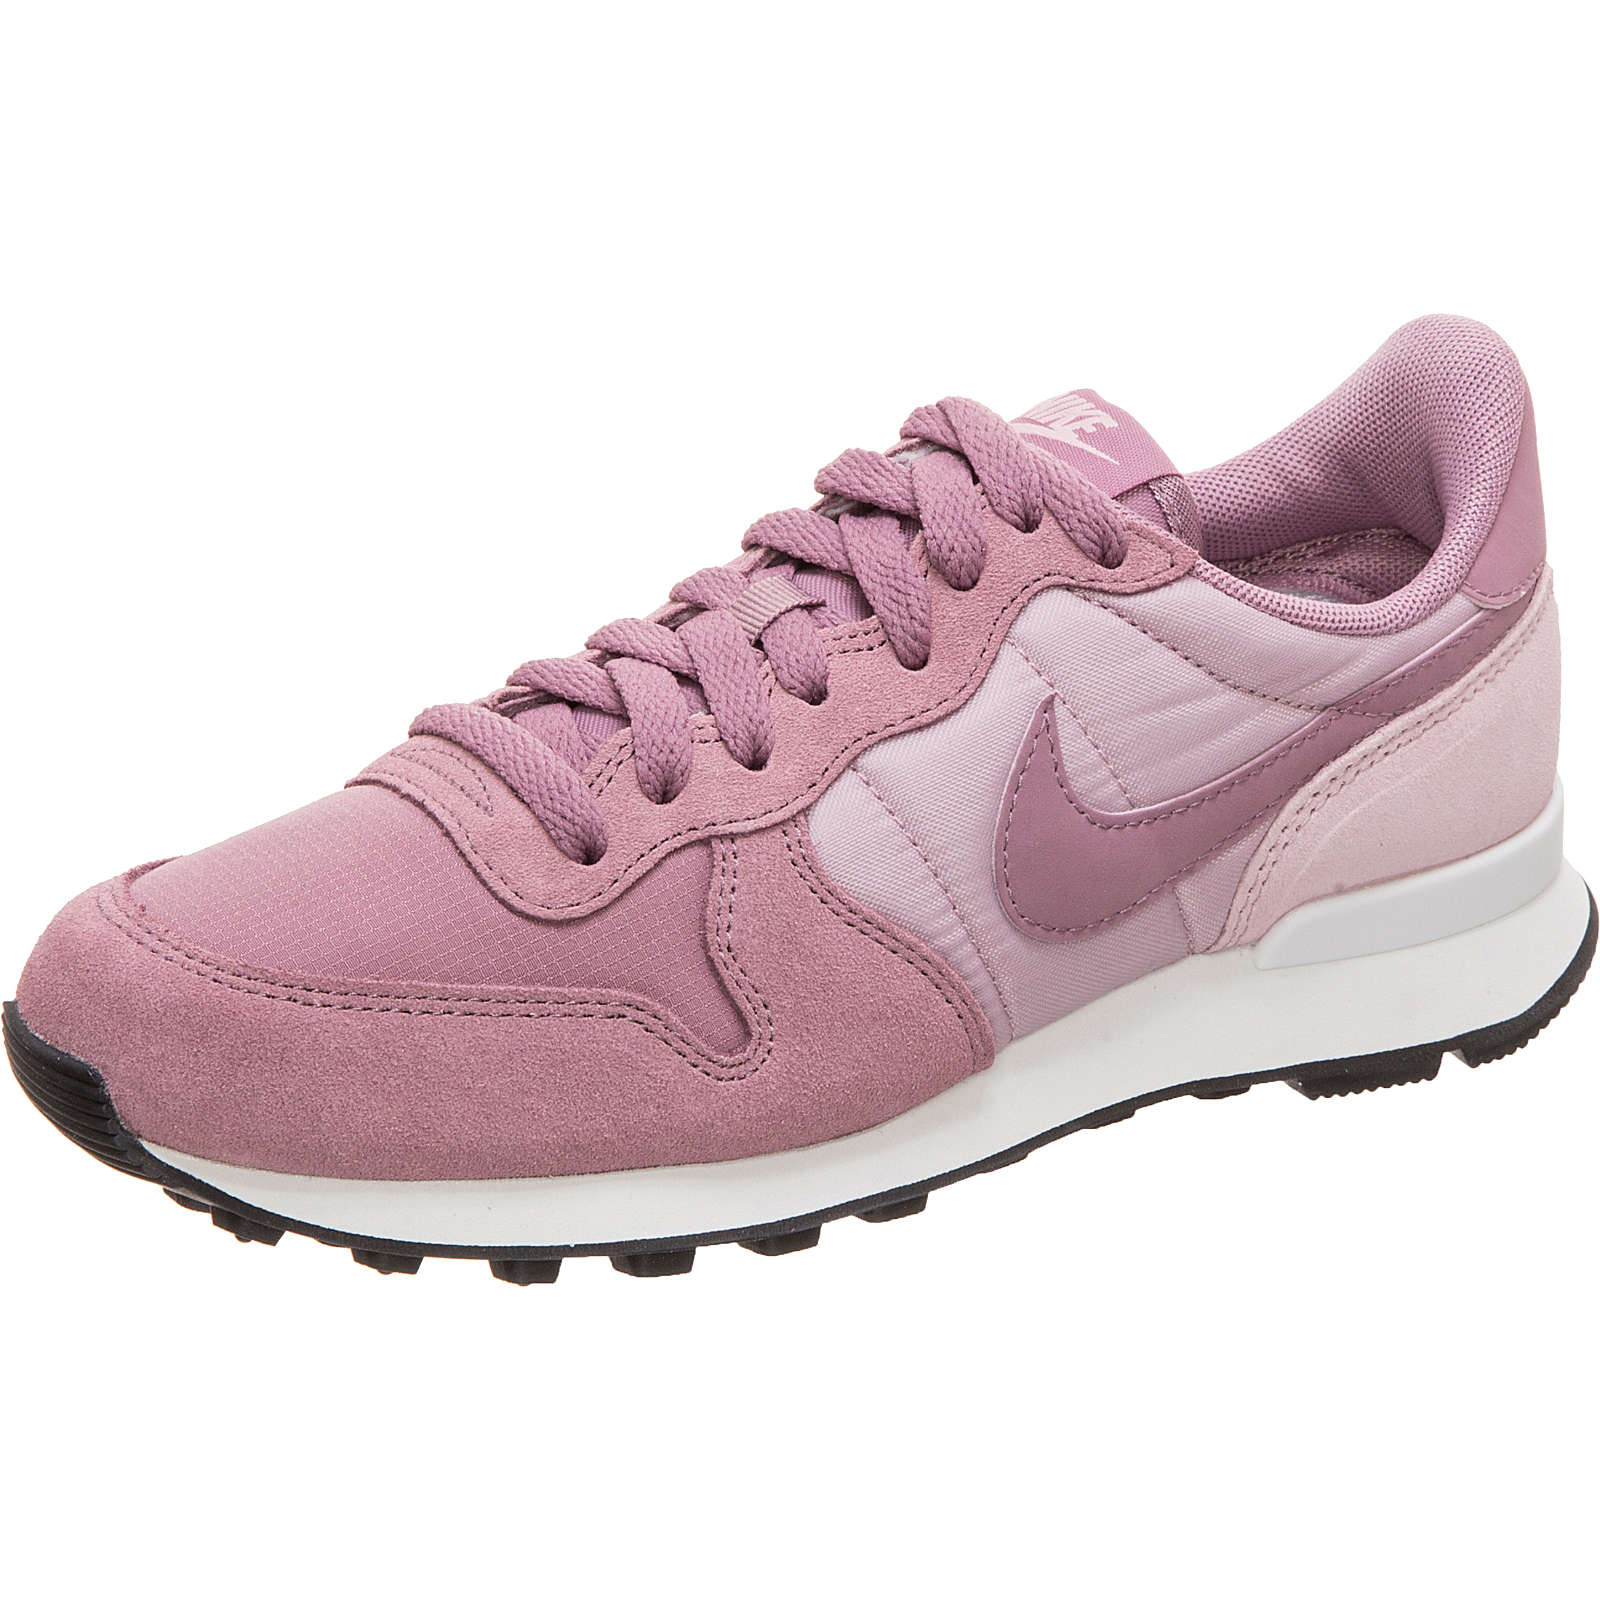 Nike Sportswear Internationalist Sneaker Damen altrosa Damen Gr. 37,5